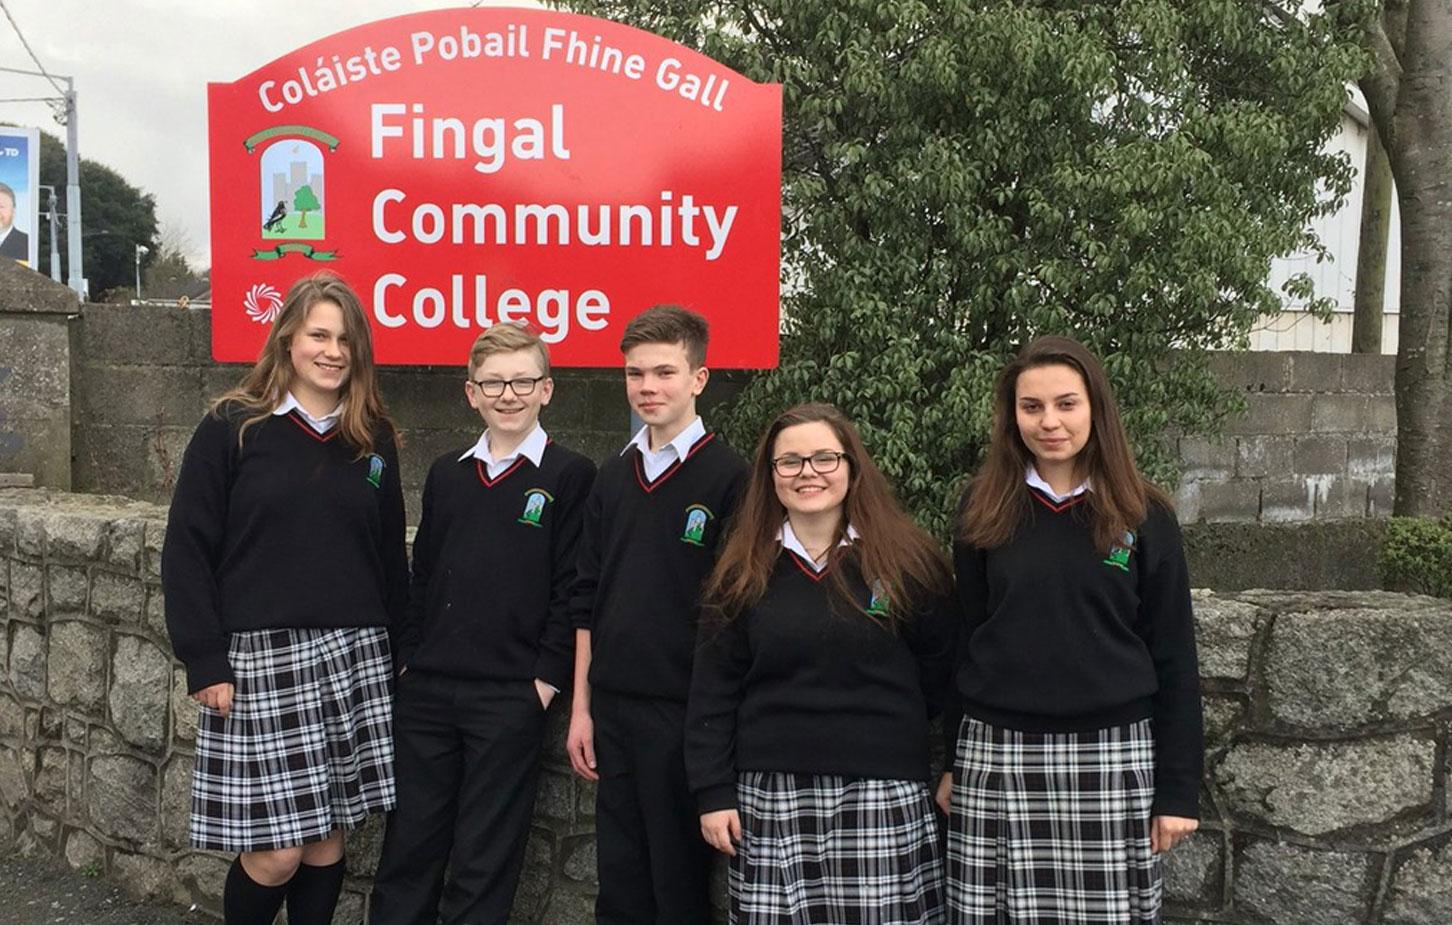 schueleraustausch-irland-fingal-community-college-teaser